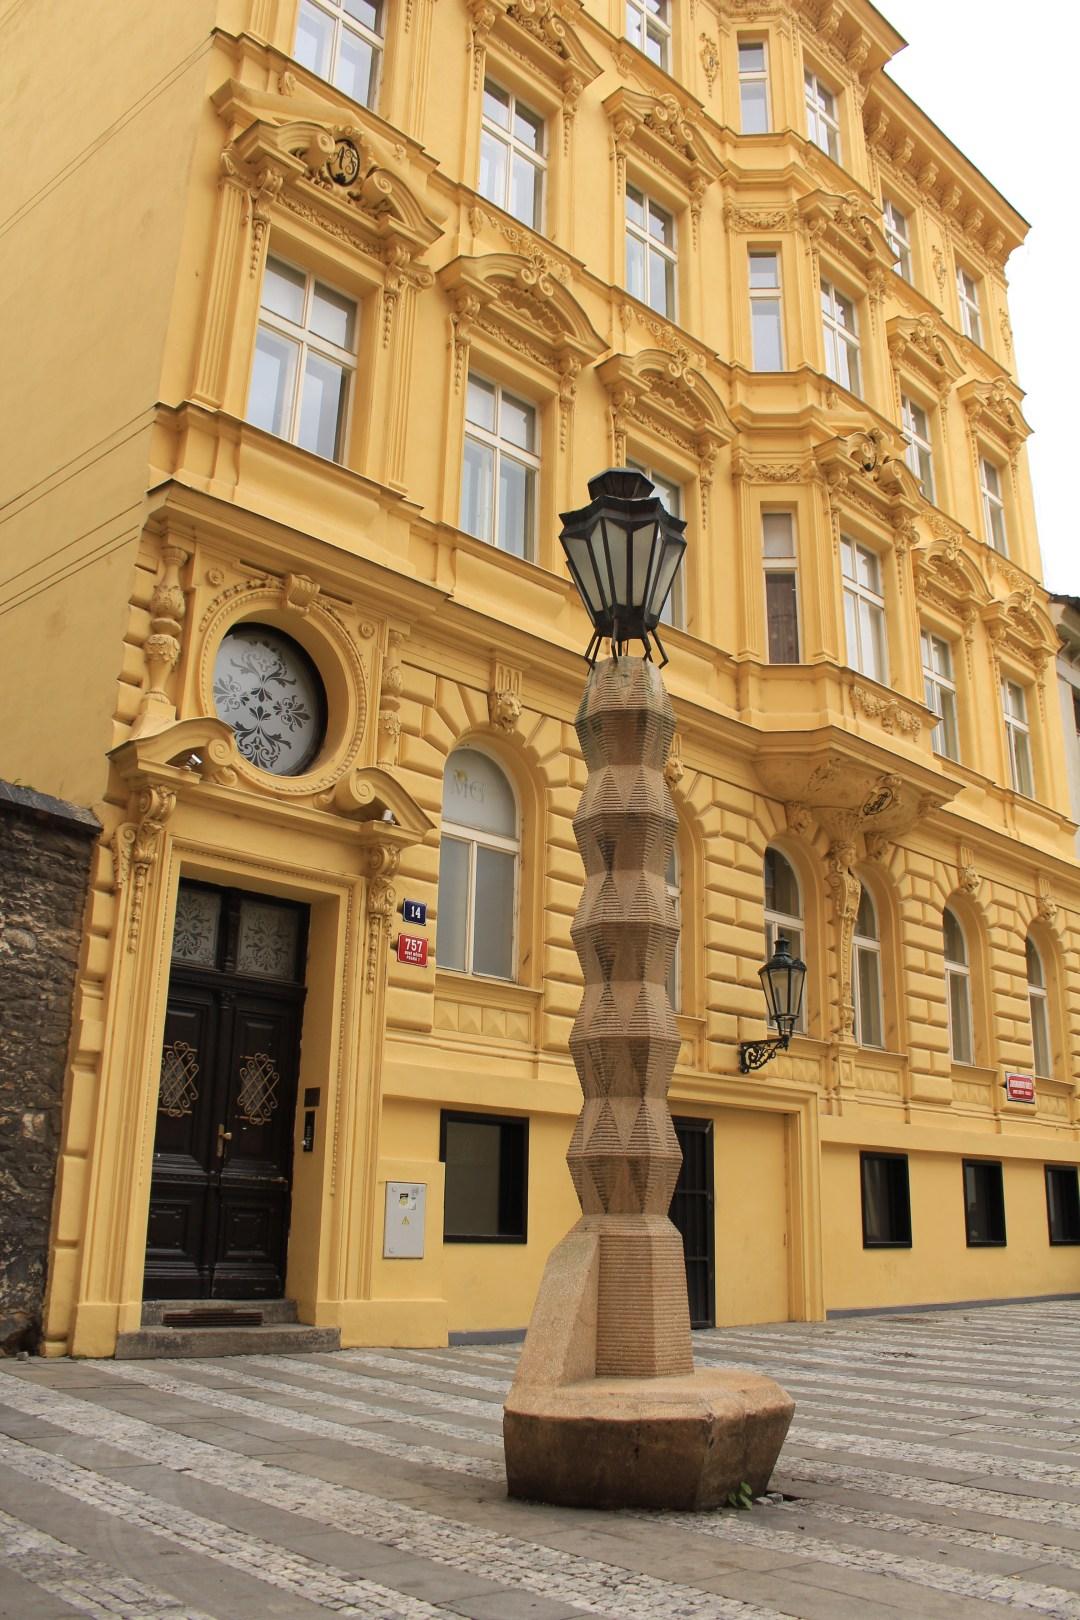 Cubist Lamp Post in Prague, Czech Republic